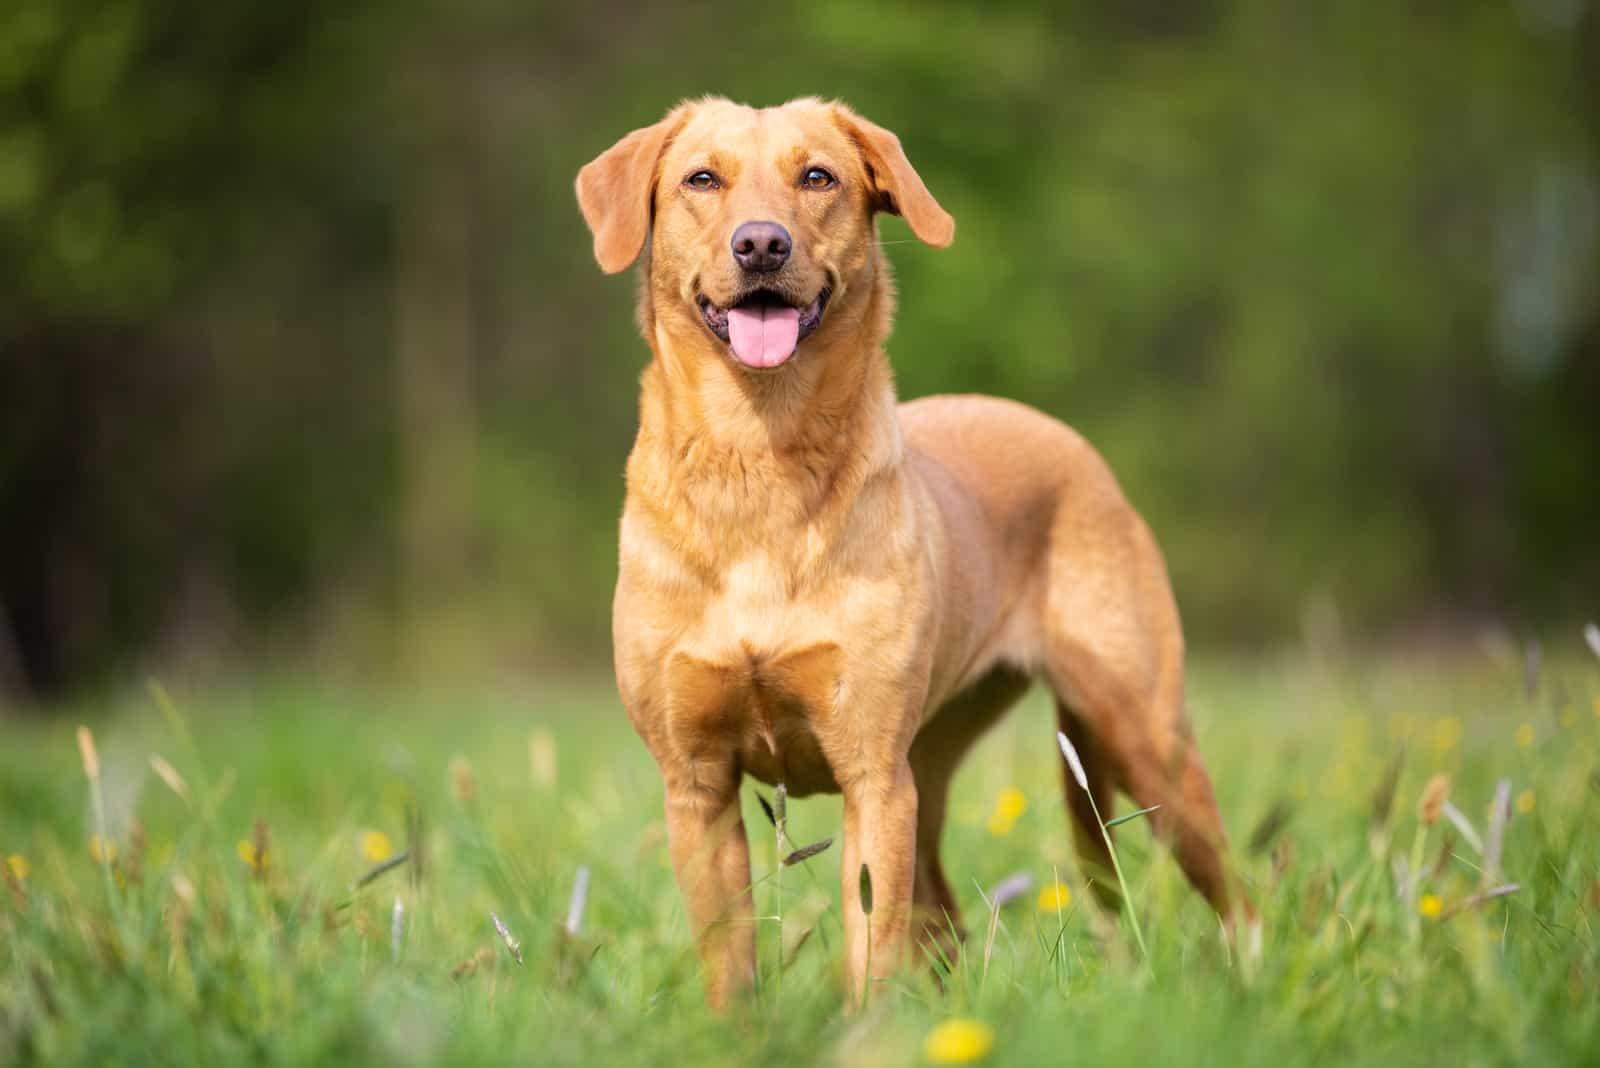 Ein wunderschöner reinrassiger Labrador steht im Gras